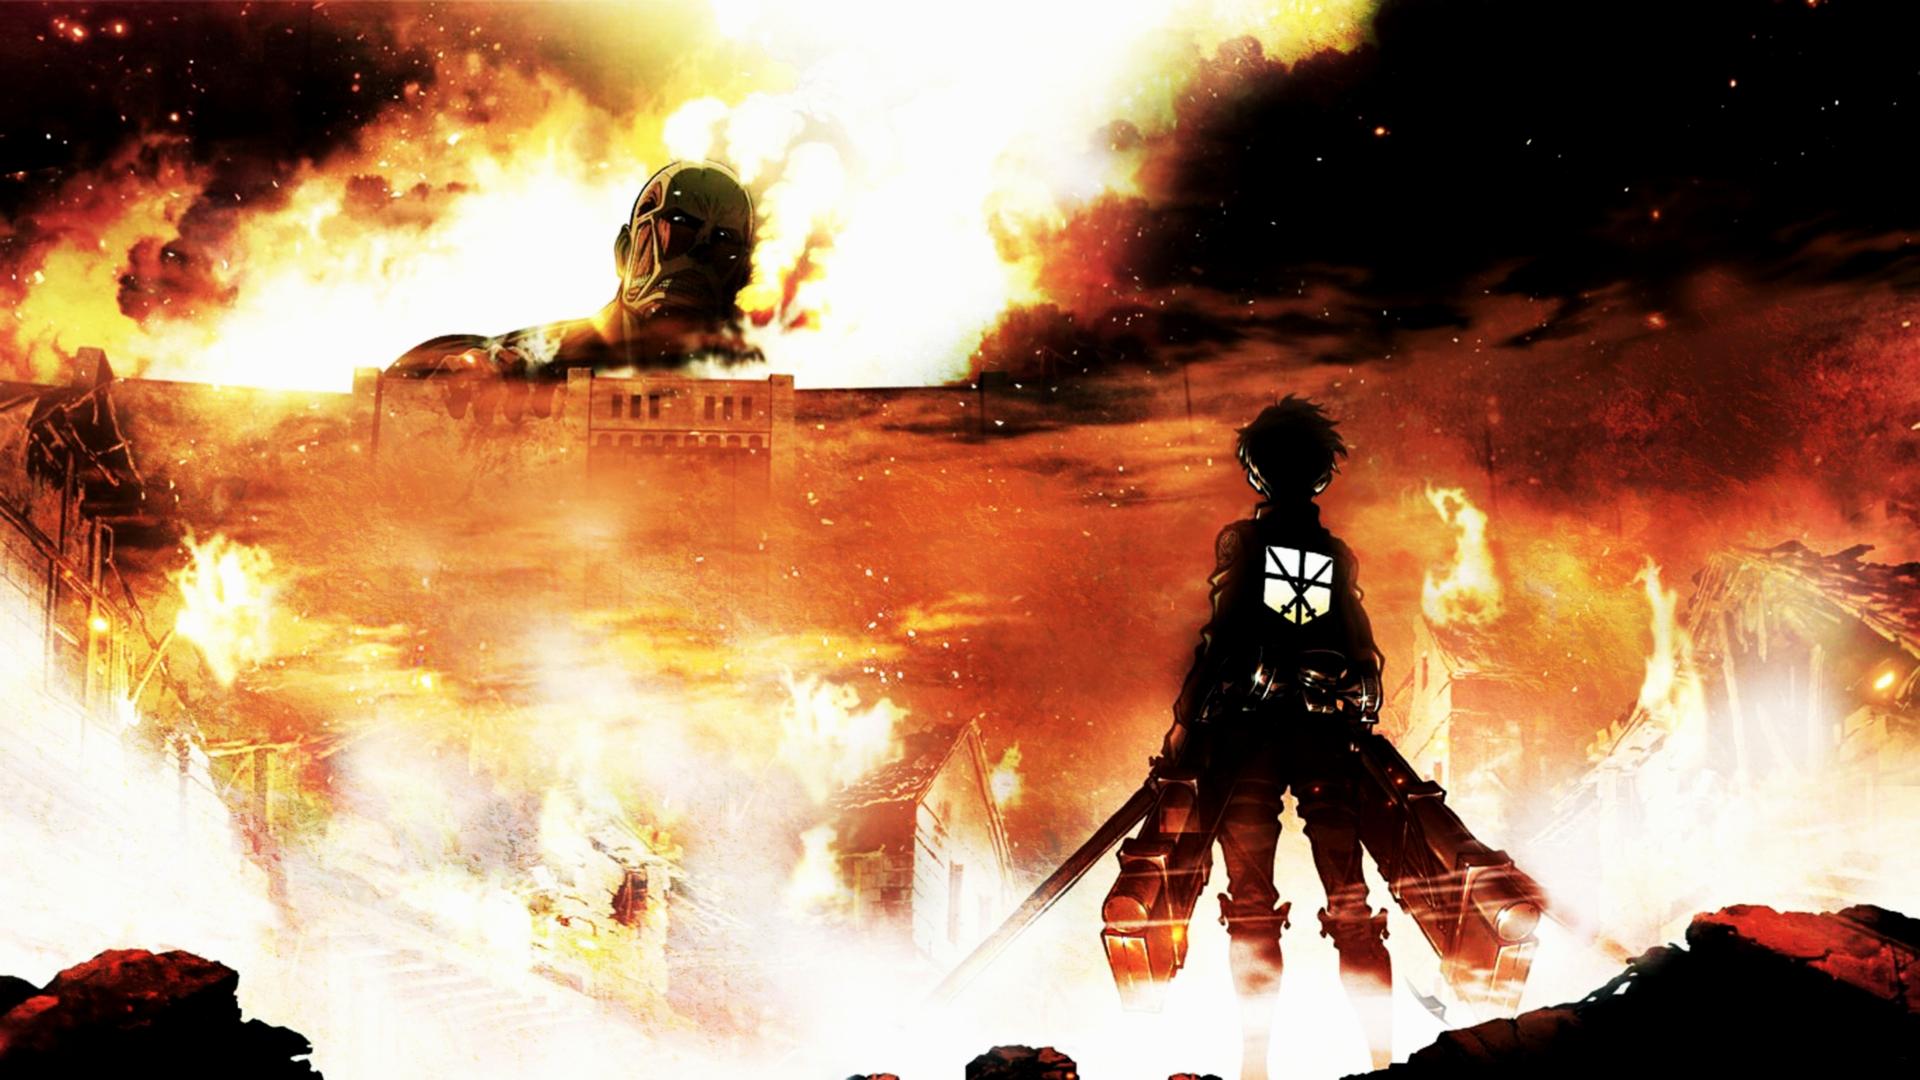 Shingeki no Kyojin   Shingeki no Kyojin Attack on titan Wallpaper 1920x1080